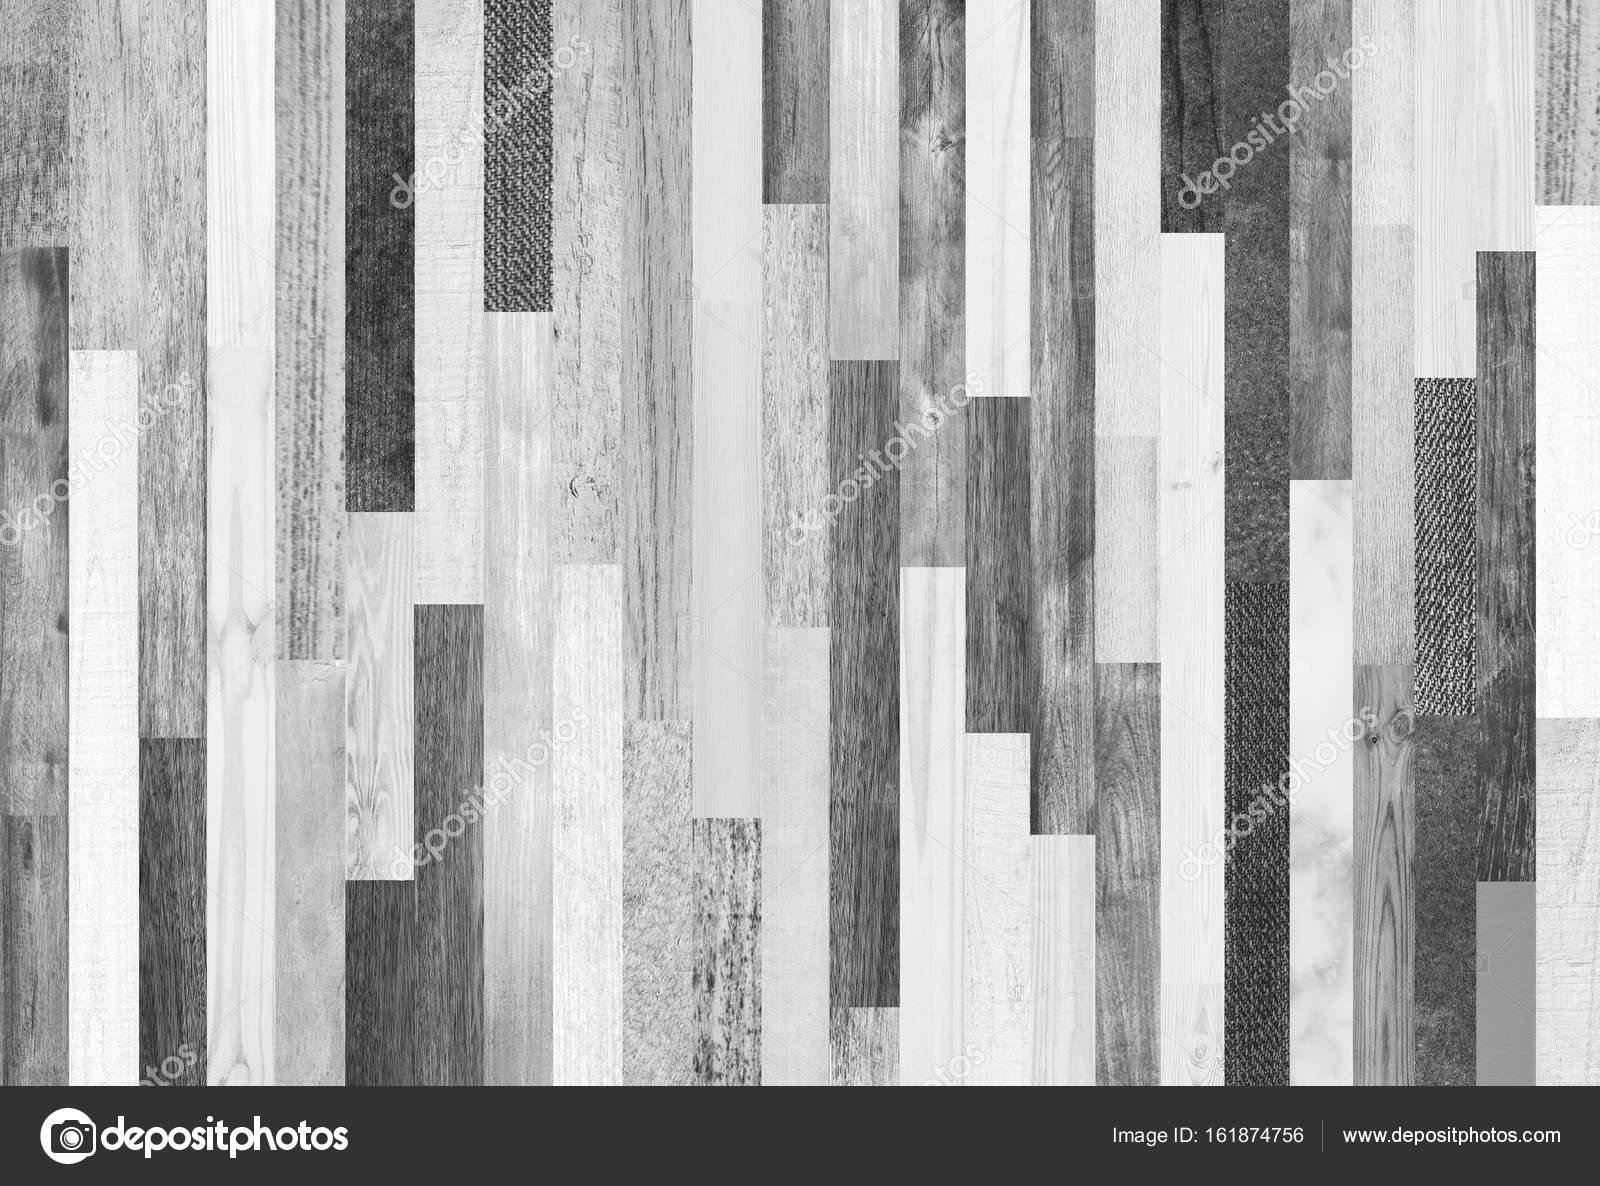 Legno Bianco E Nero : Sfondo di struttura di legno legno bianco e nero u foto stock